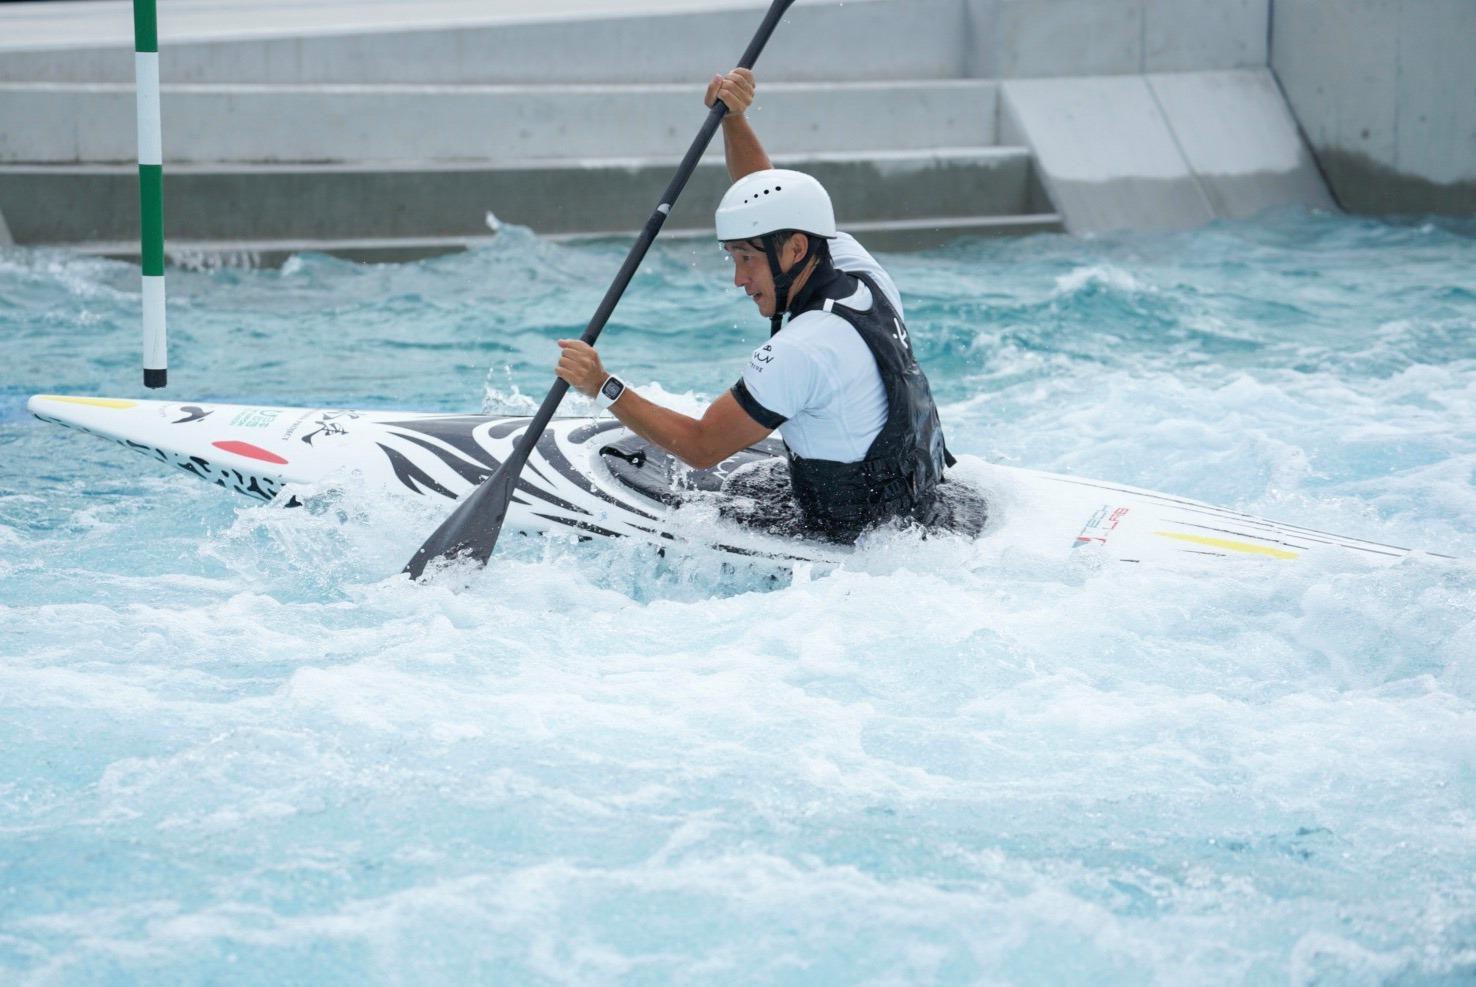 水走3号艇 カヌー・スラロームセンター試験